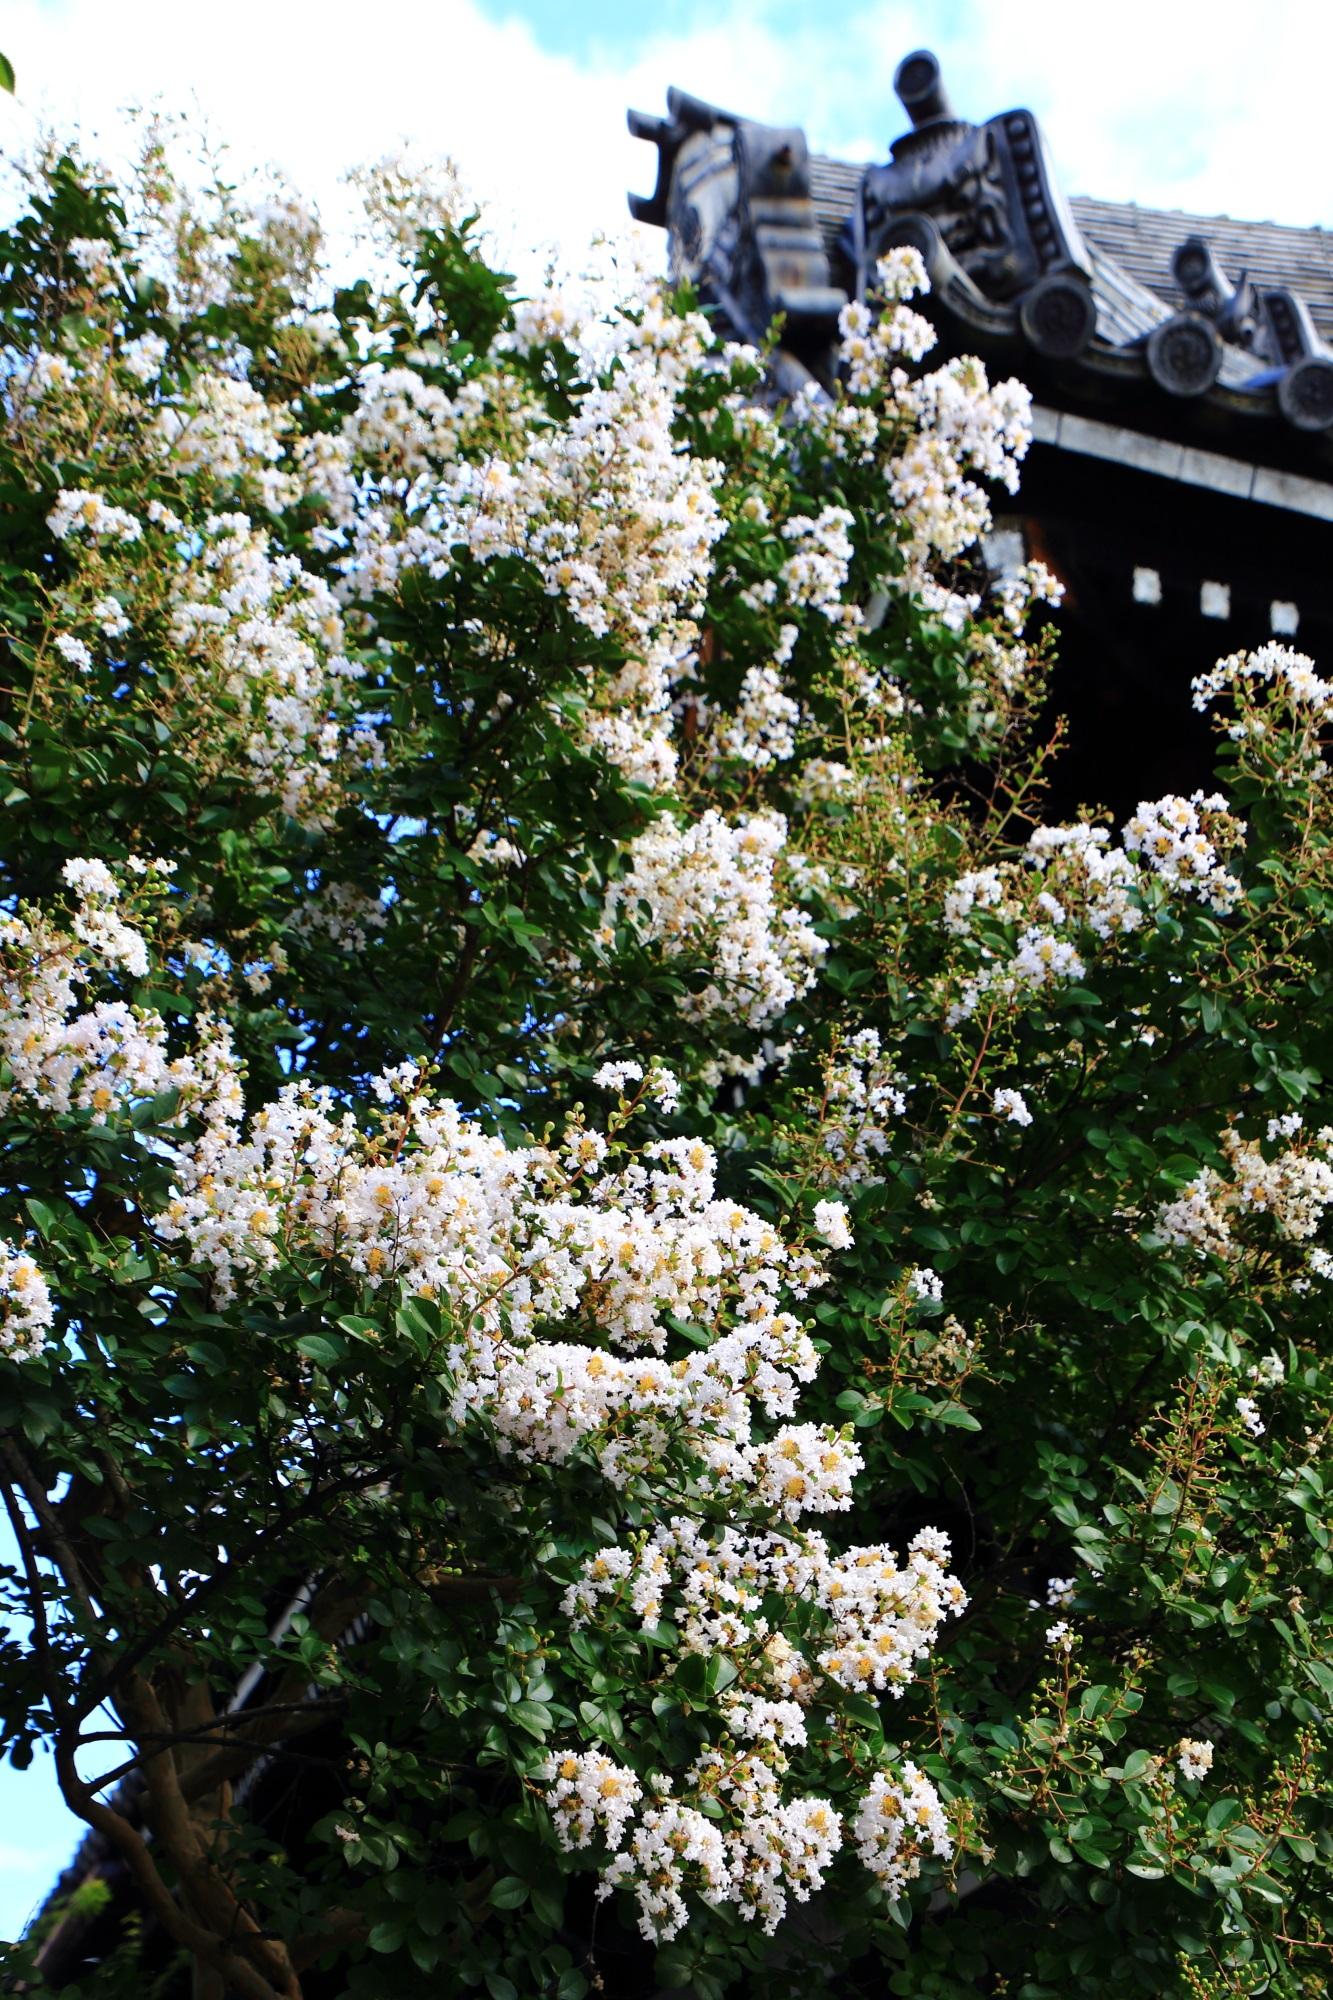 真夏の境内や伽藍を彩る溢れんばかりの白い百日紅の花